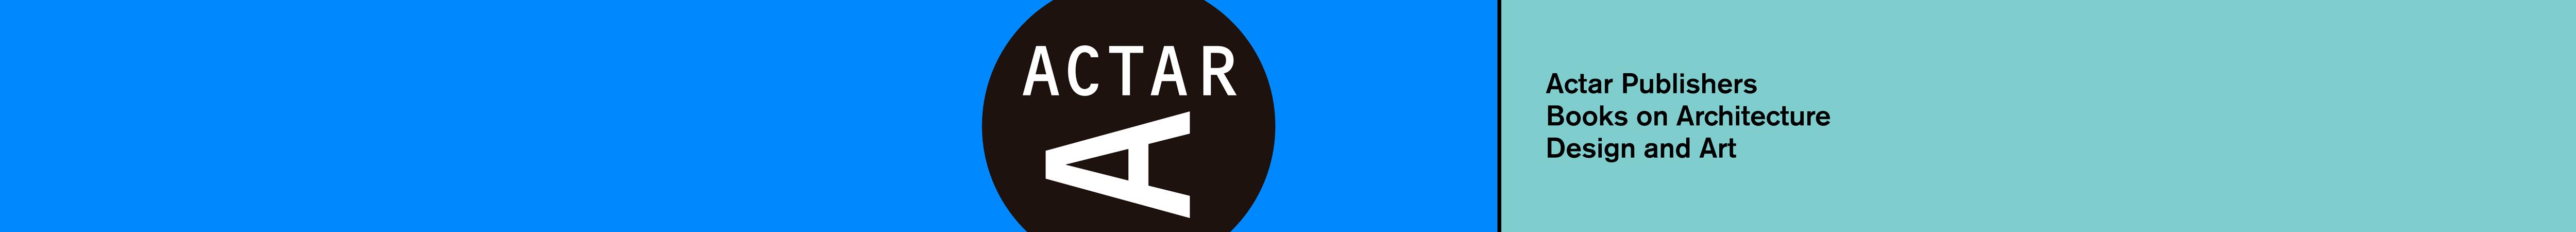 Actar-Moderator-1-2